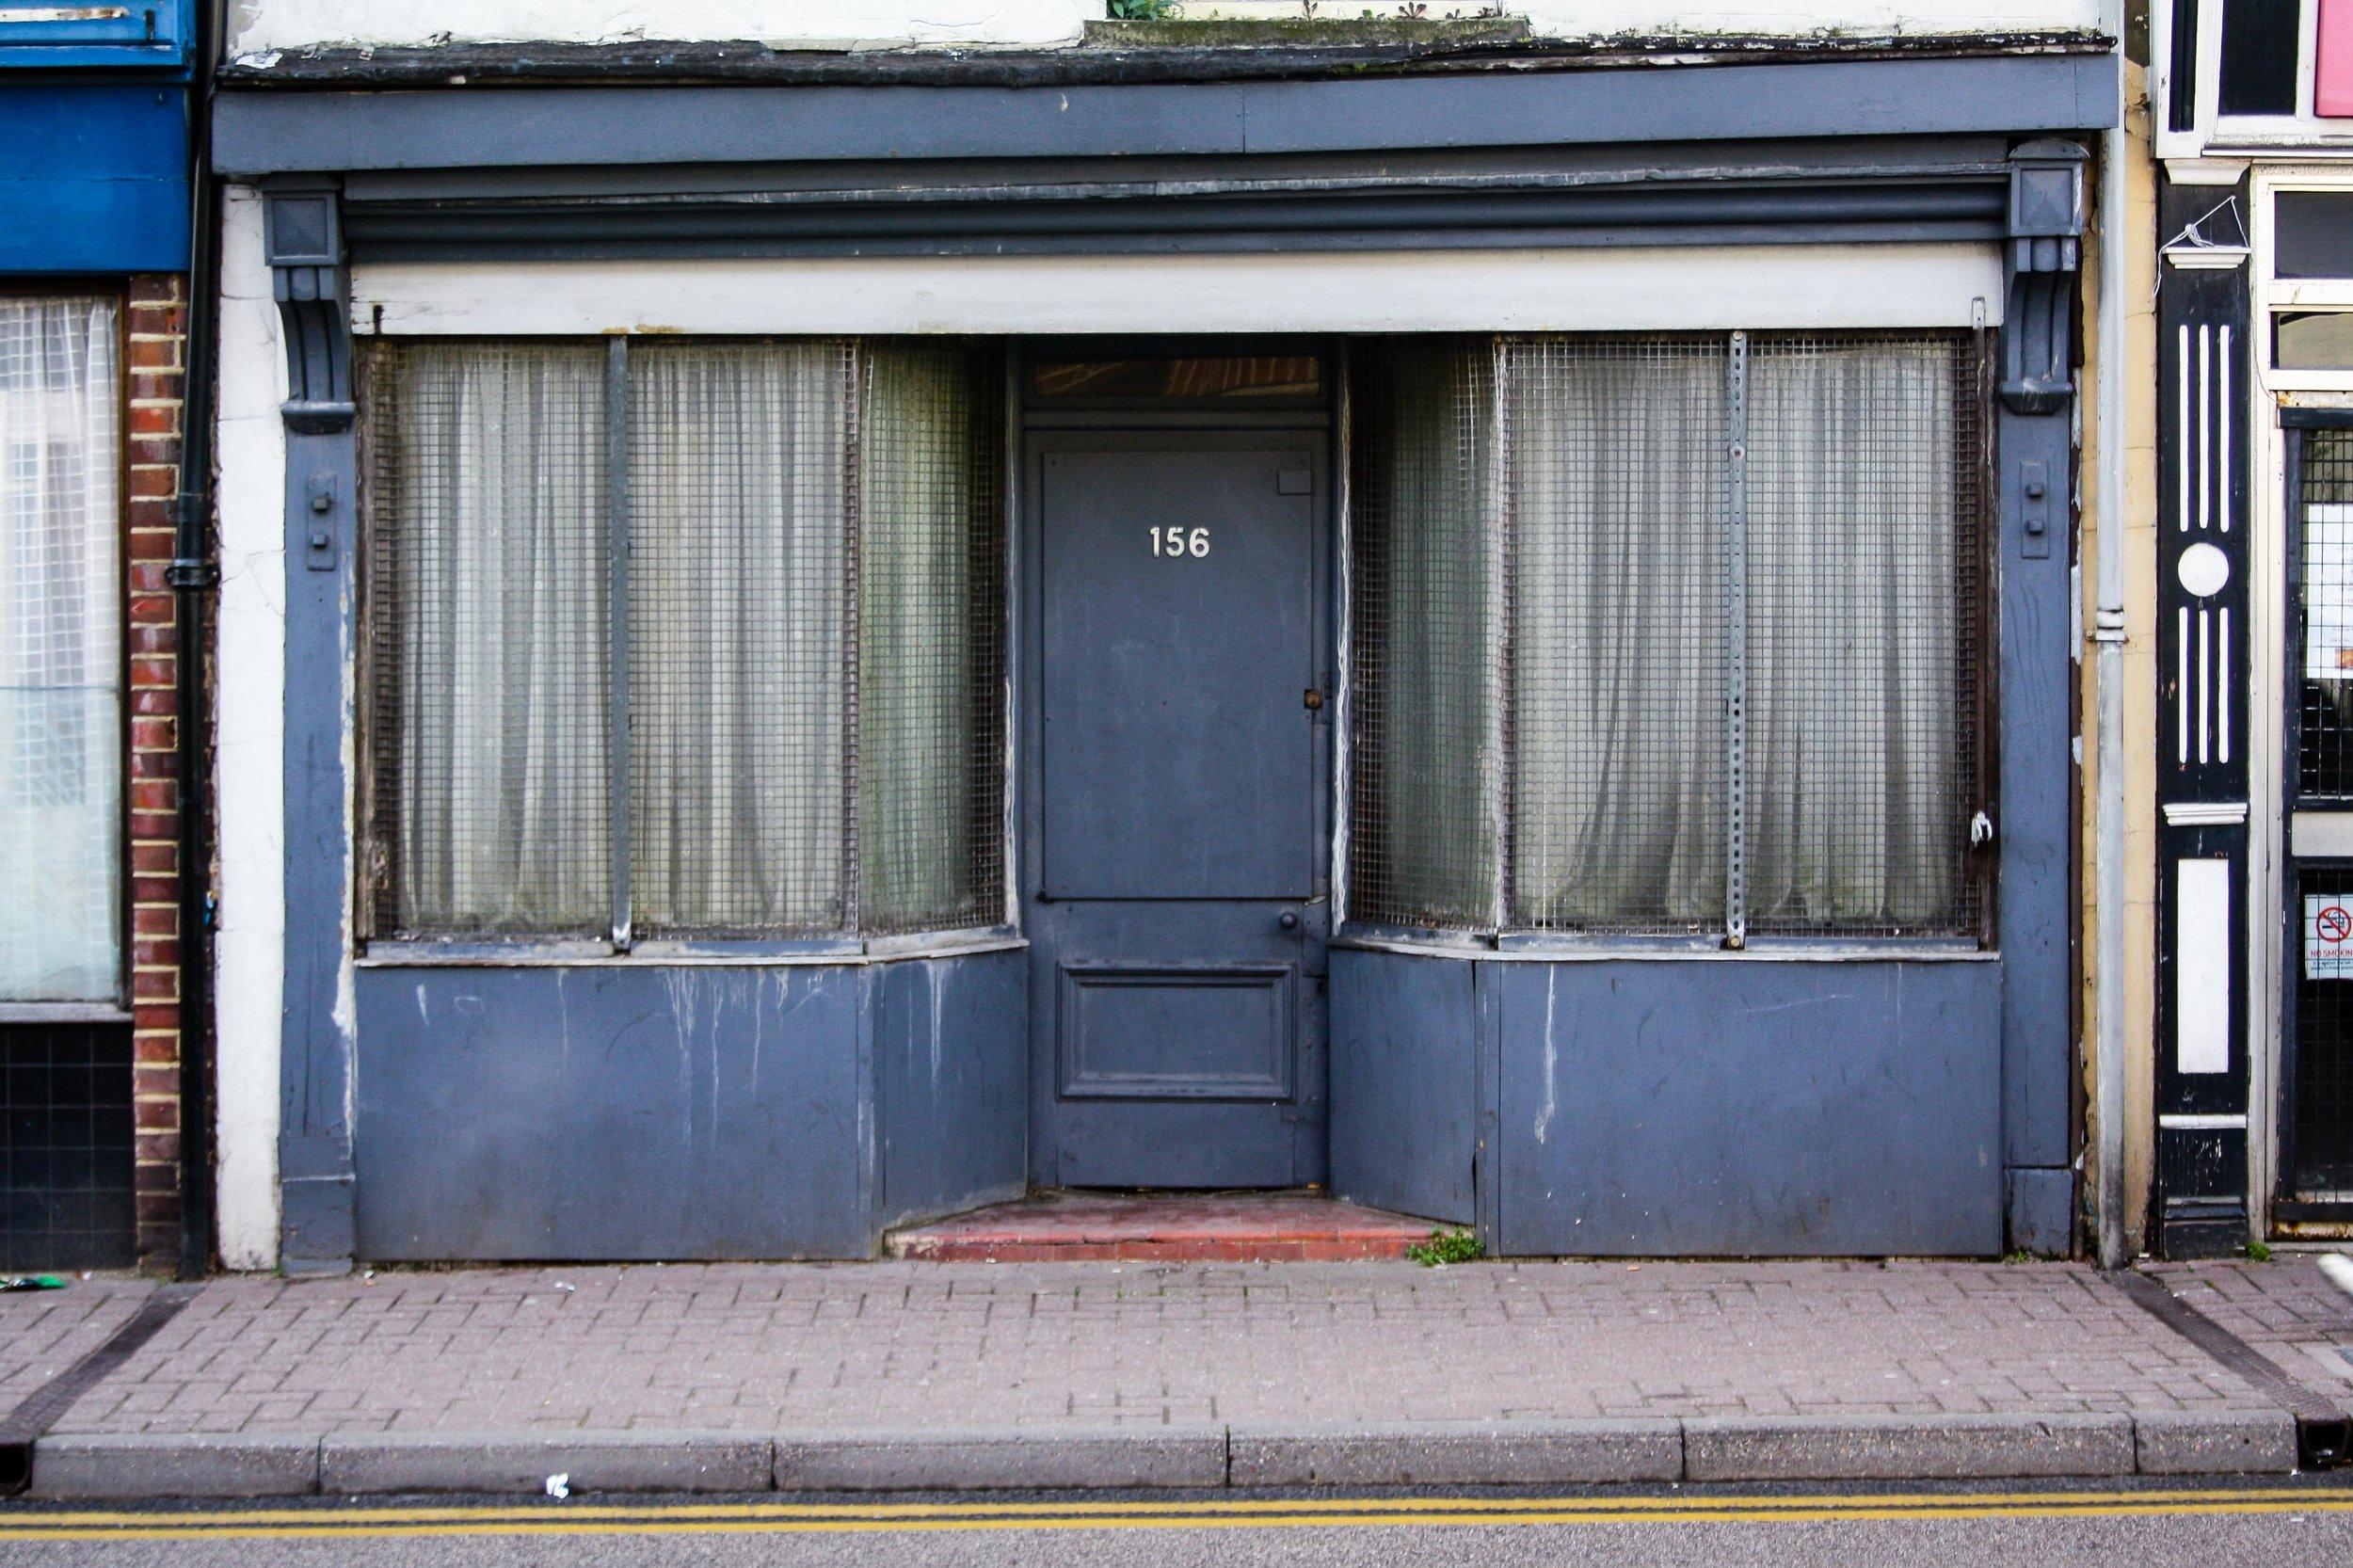 156_King_Street_Ramsgate-1.jpg